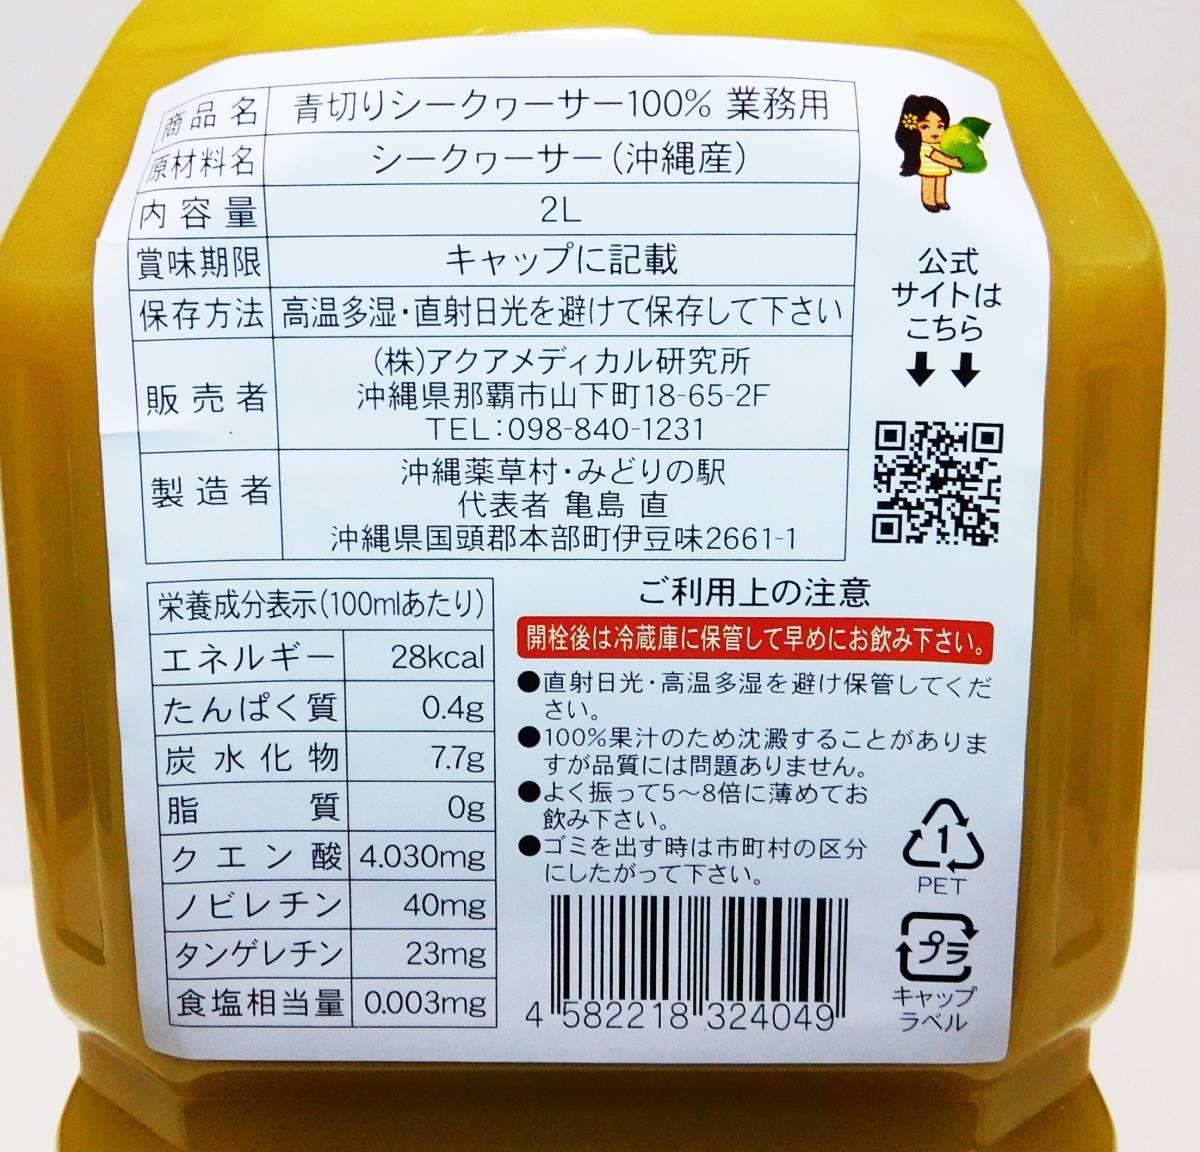 送料無料 青切りシークワーサー お得な5点セット お試し ノビレチン 沖縄県産 大宜味産 果汁100% タンゲレチン 飲み比べ 原液 無添加